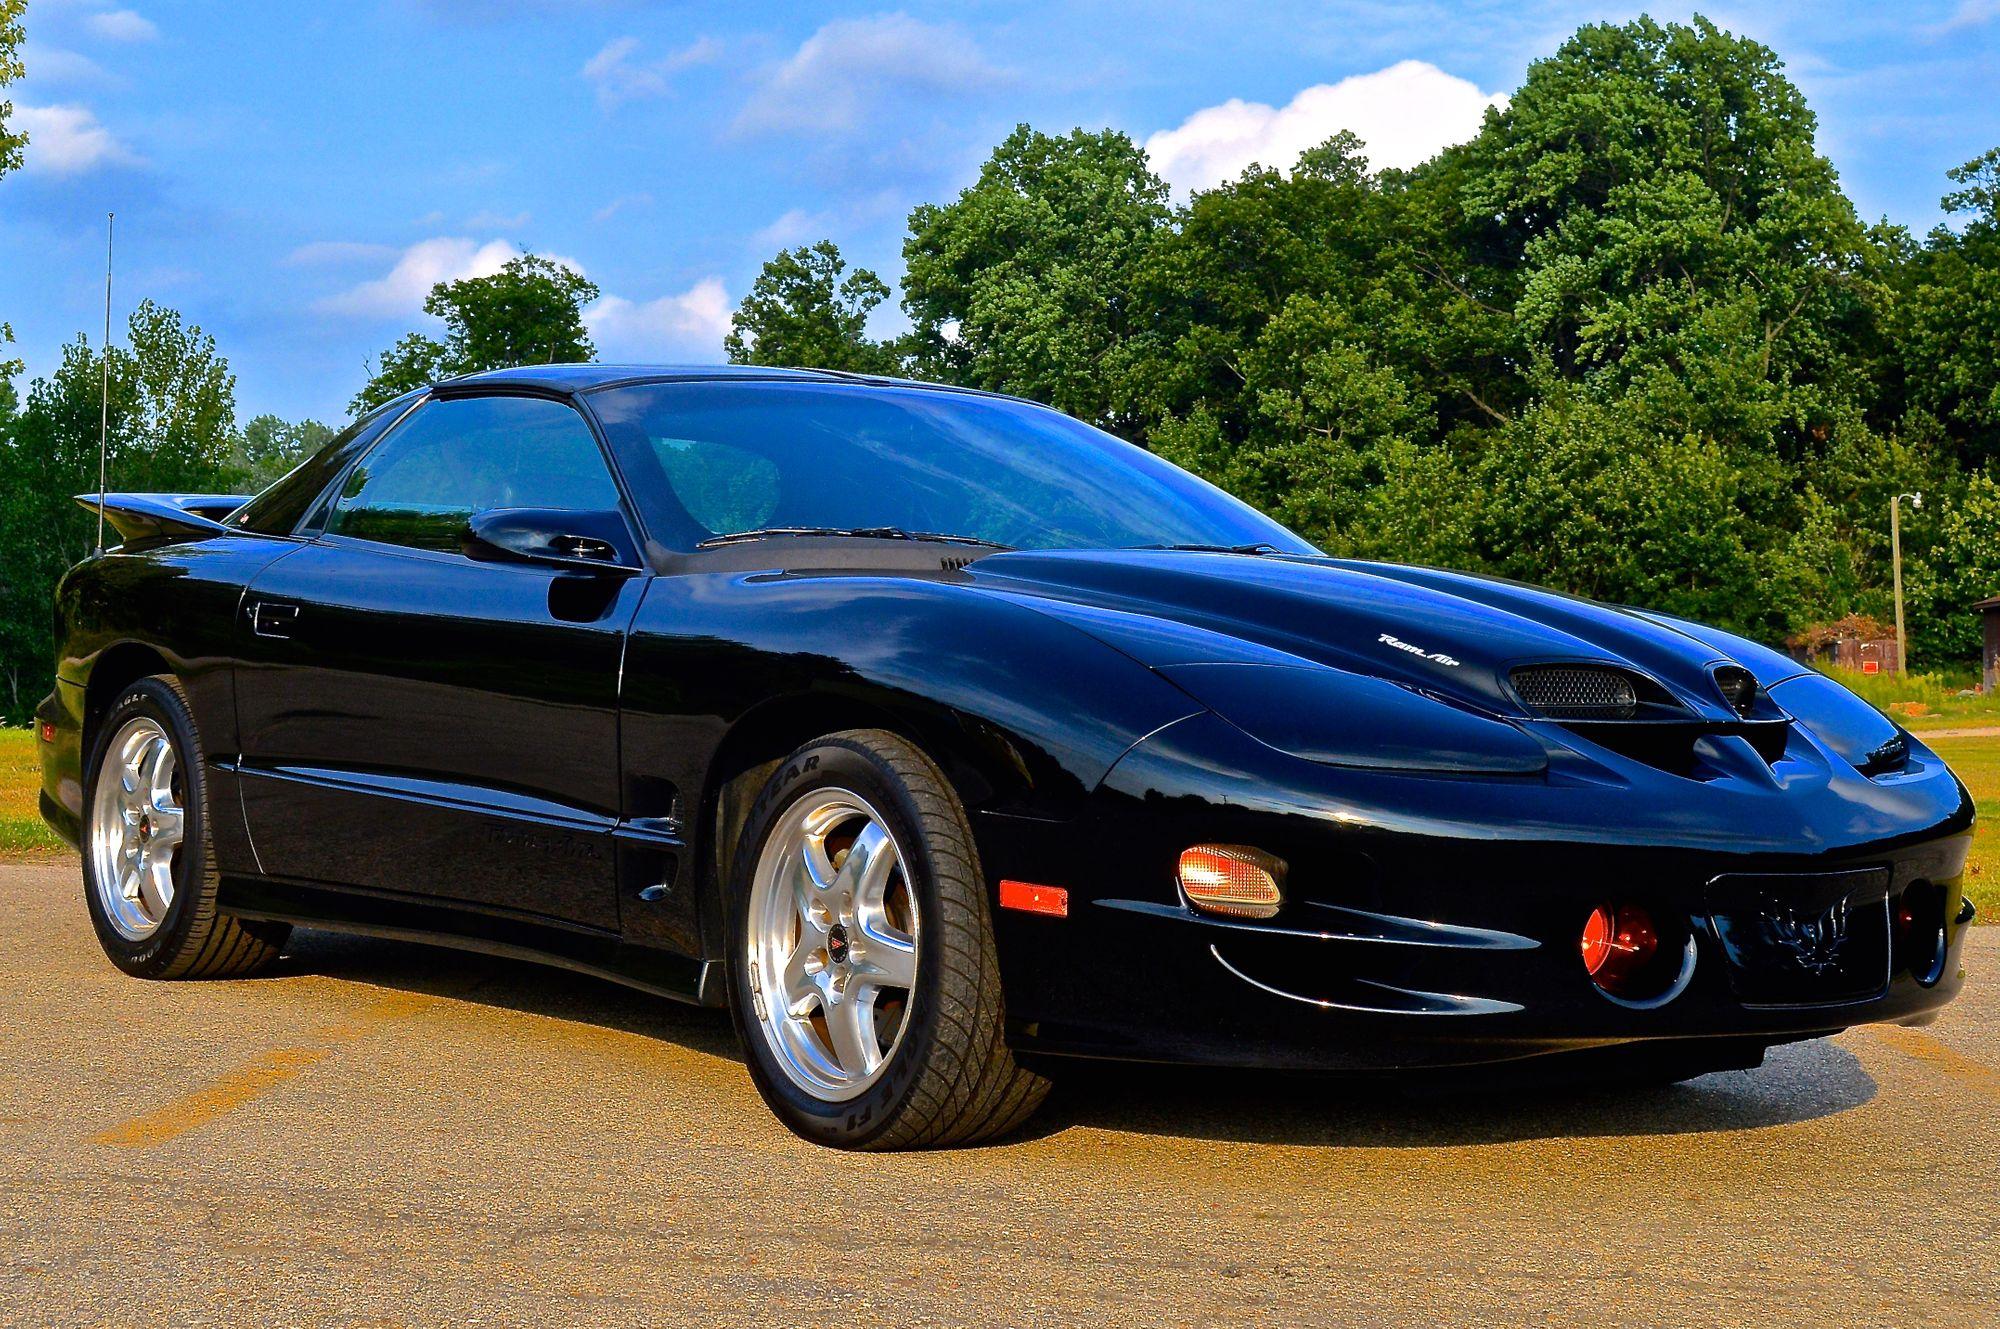 """<img src=""""2002-firebird-trans-am-ws6.jpeg"""" alt=""""A 2002 Pontiac Trans Am WS6"""">"""